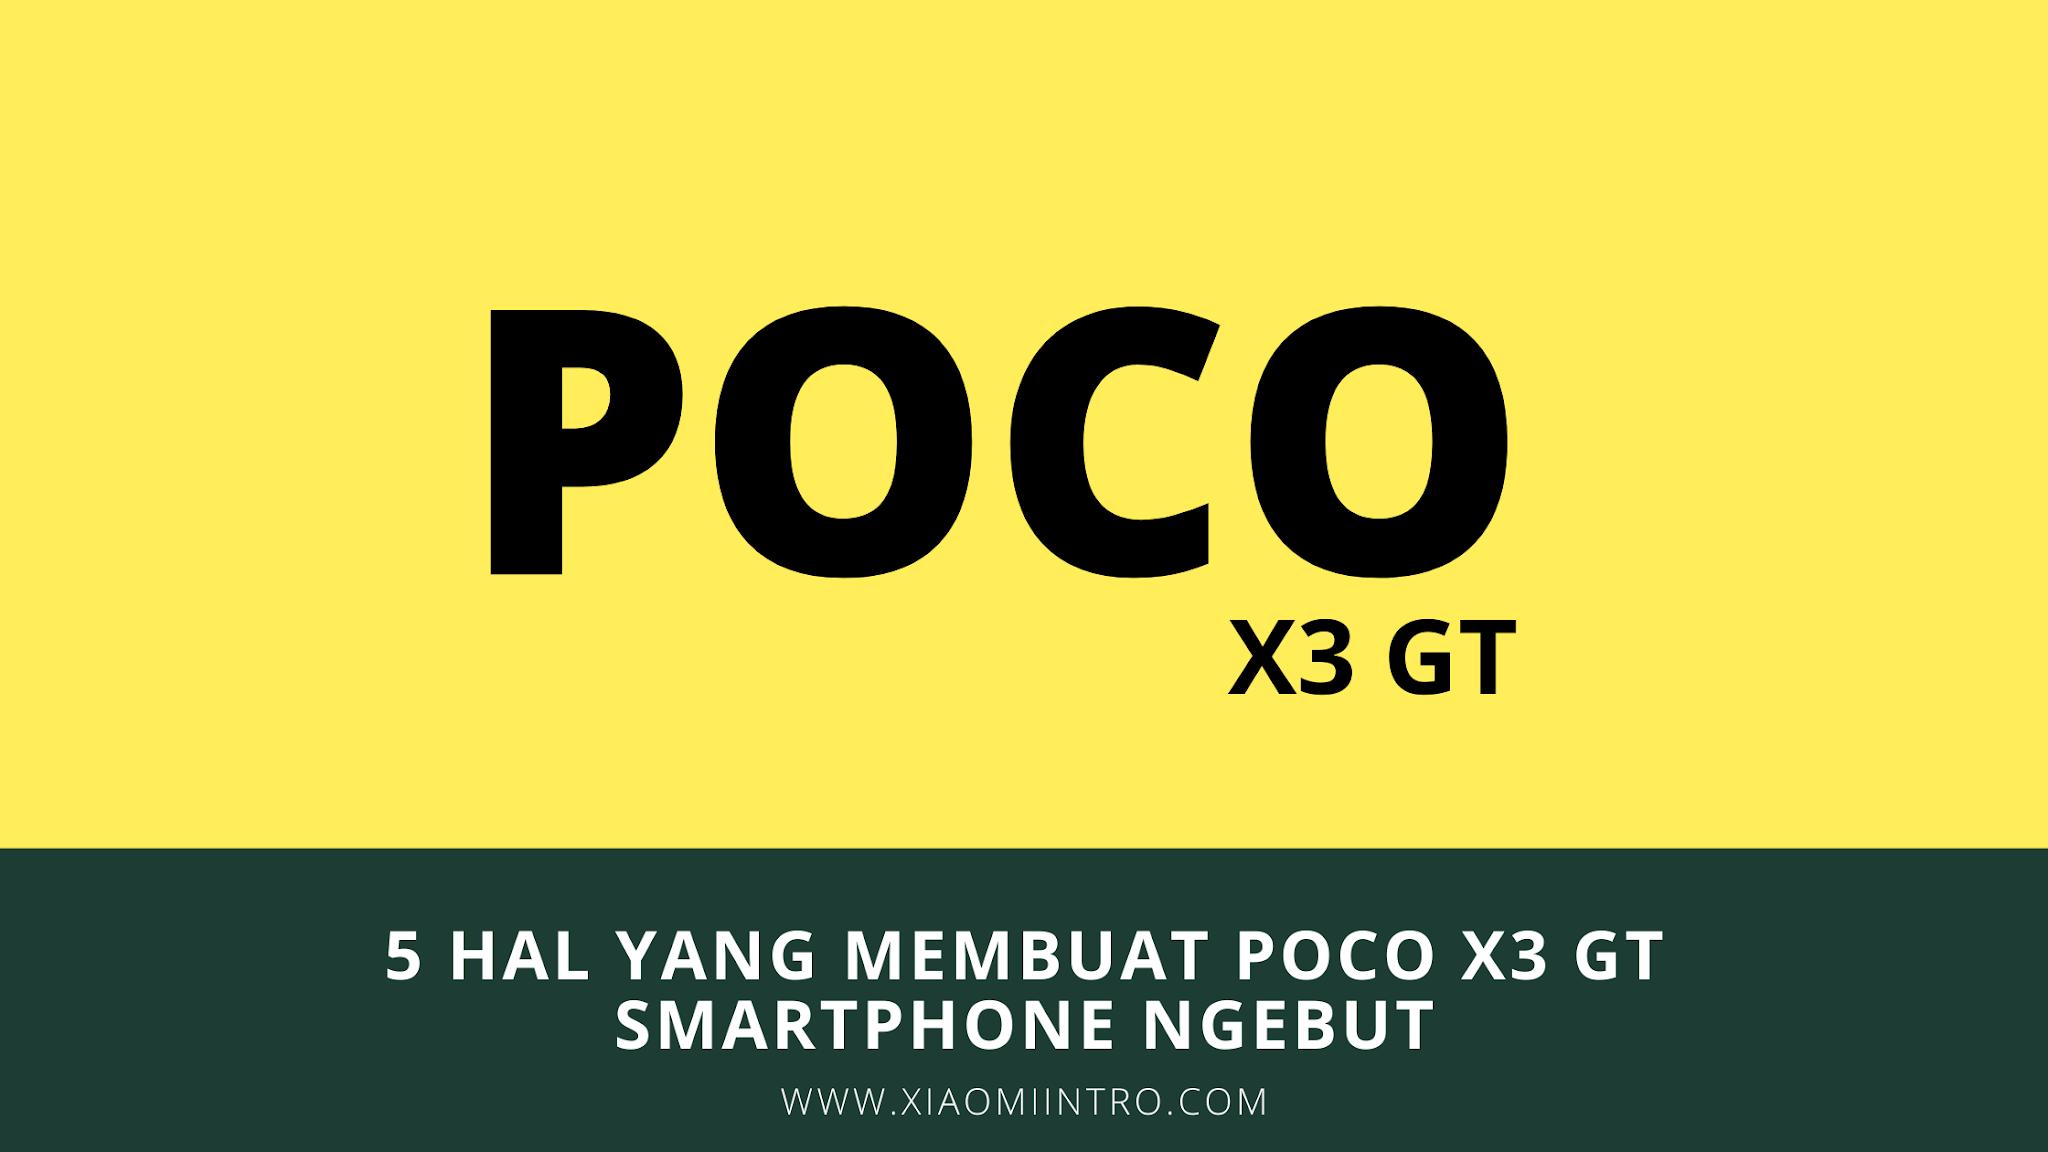 5 Hal Yang Membuat Poco X3 GT Smartphone Ngebut